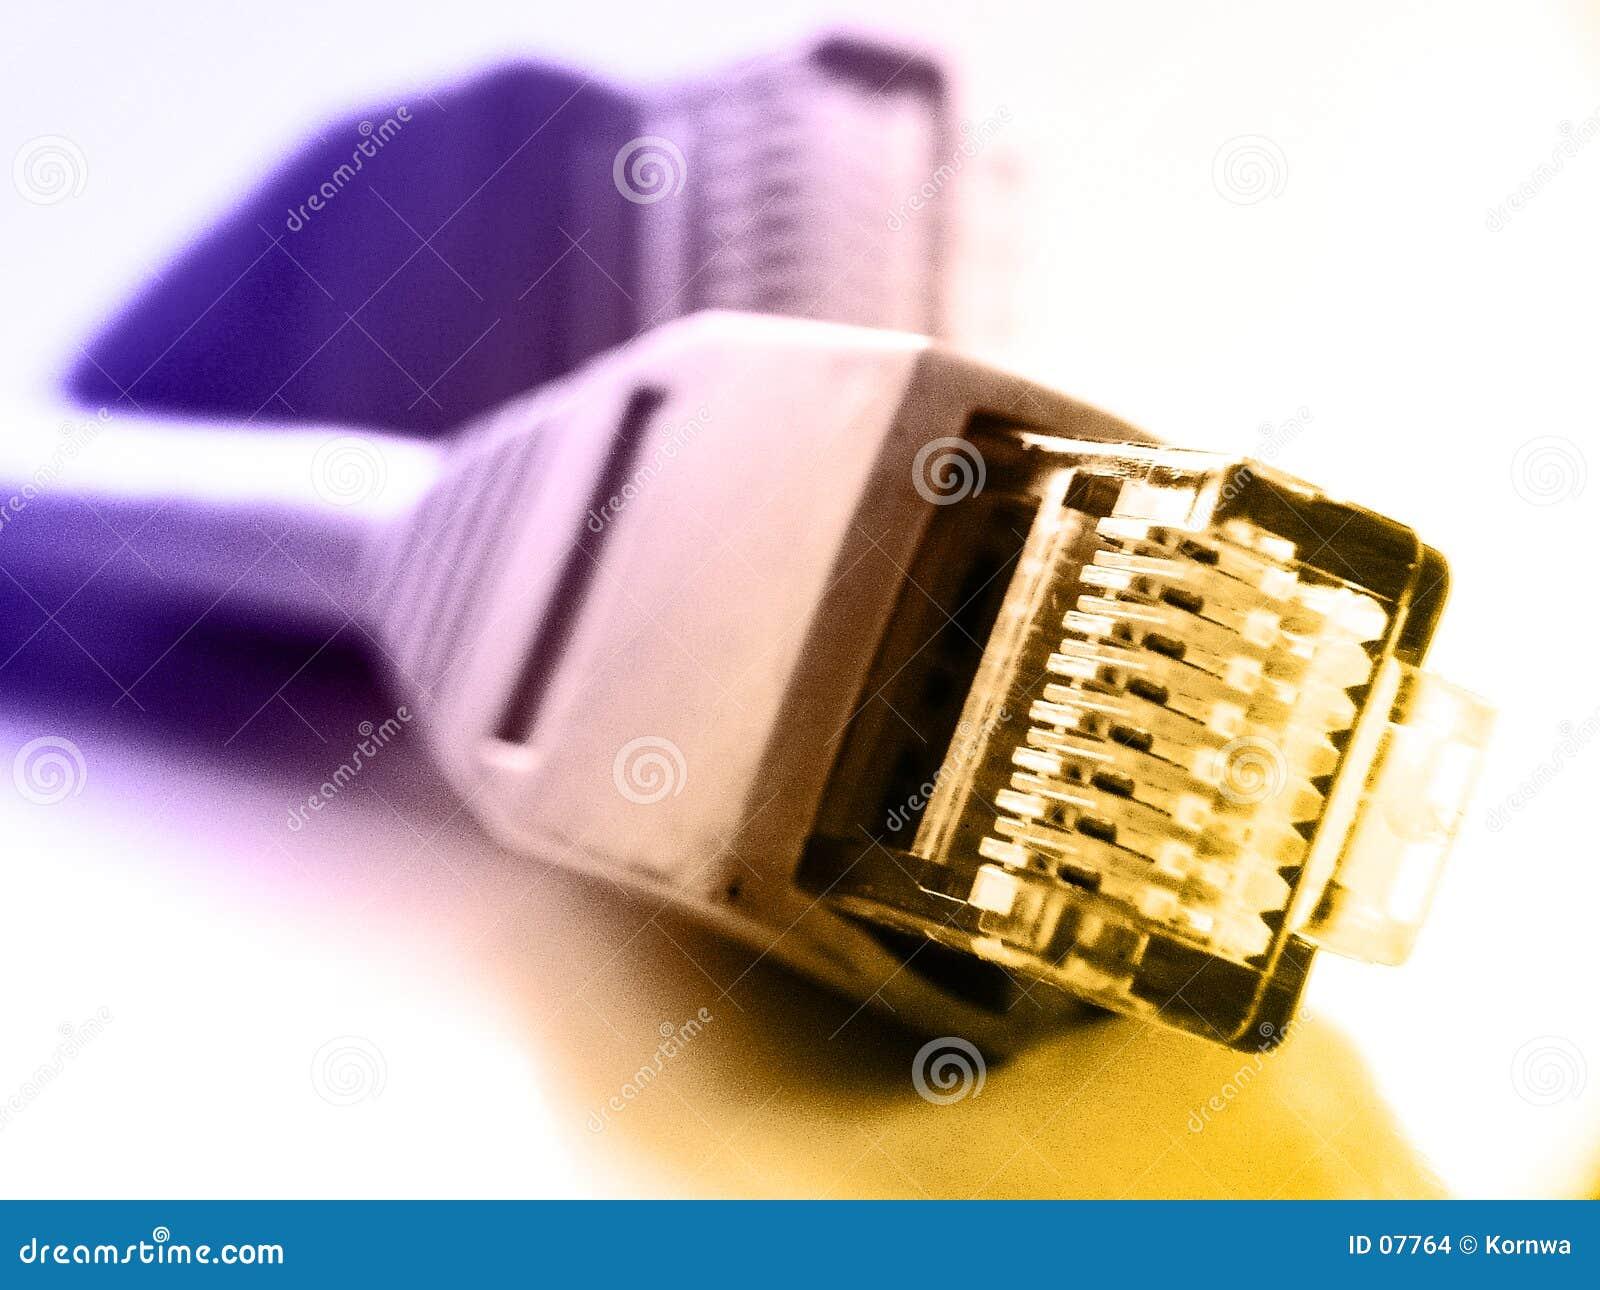 Connexions du réseau rj45